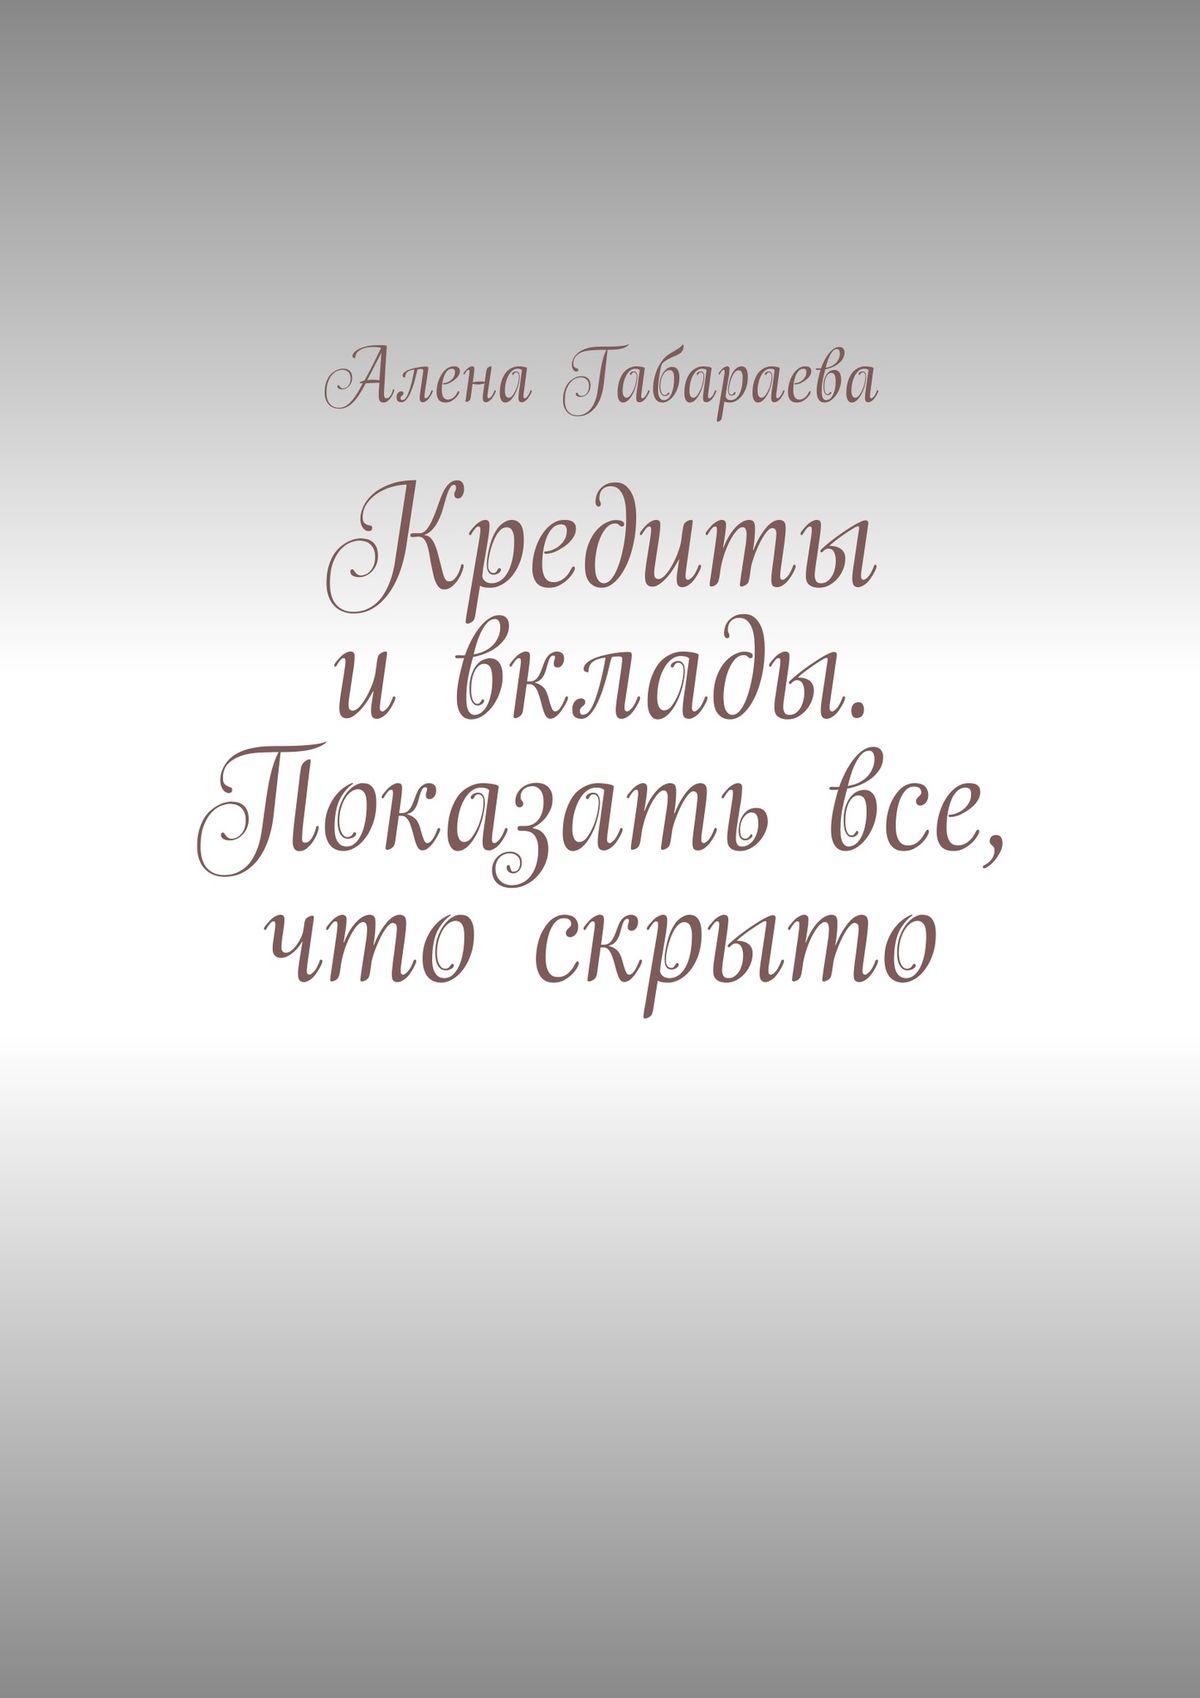 Обложка книги. Автор - Алена Габараева